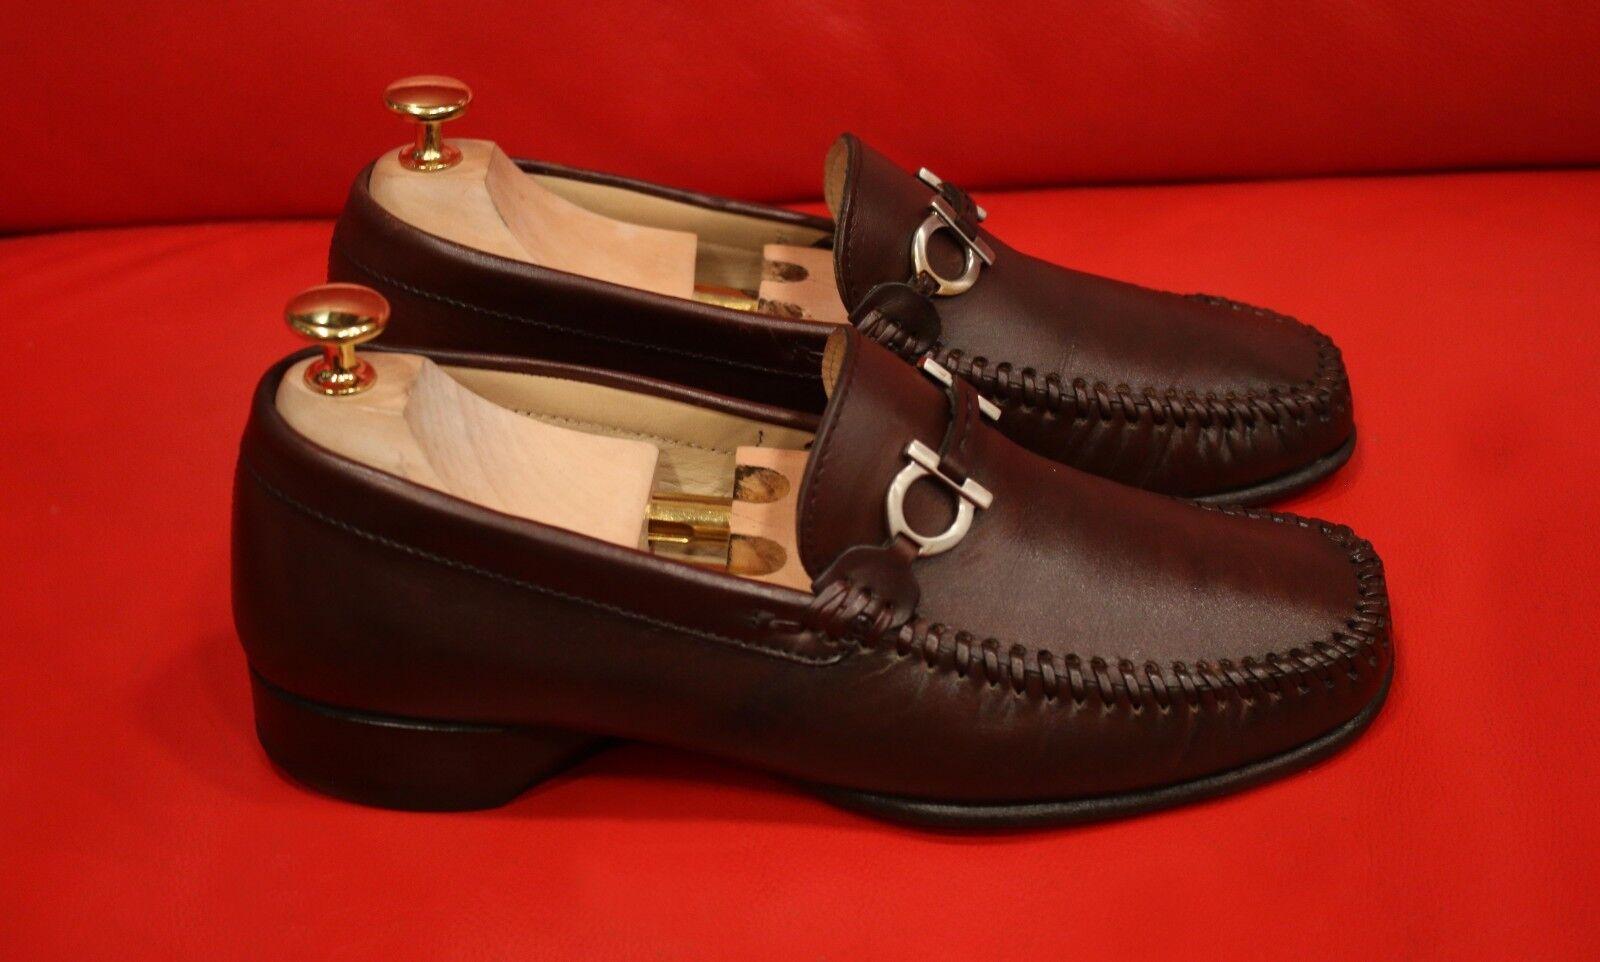 vendite online    649.00     FERRAGAMO 1UNIQUE Marrone BITS DRESS SLIP-ON LOAFER scarpe Dimensione 6.5 EE  negozio di vendita outlet